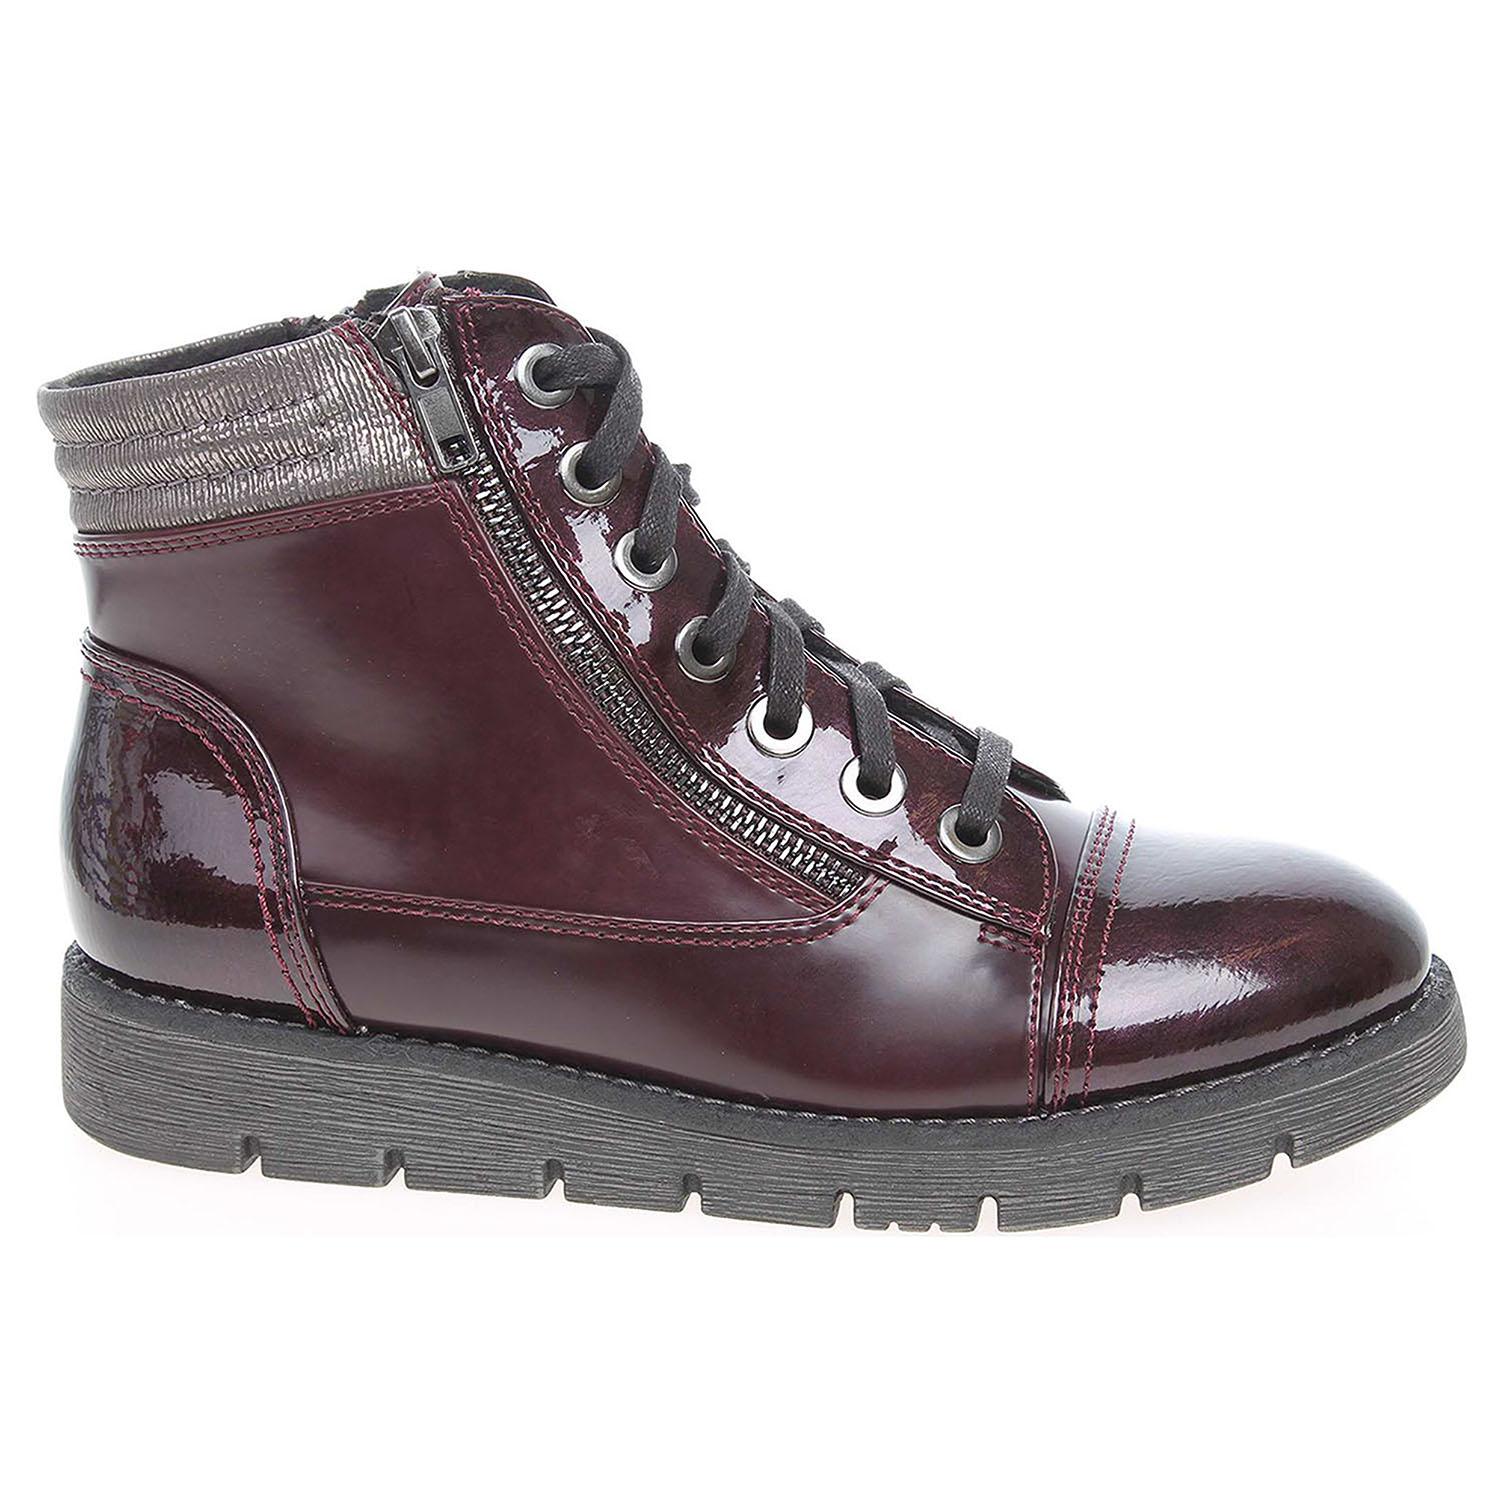 575c33b552 Ecco Dámská kotníková obuv Jana 8-25206-27 vínové 22400527